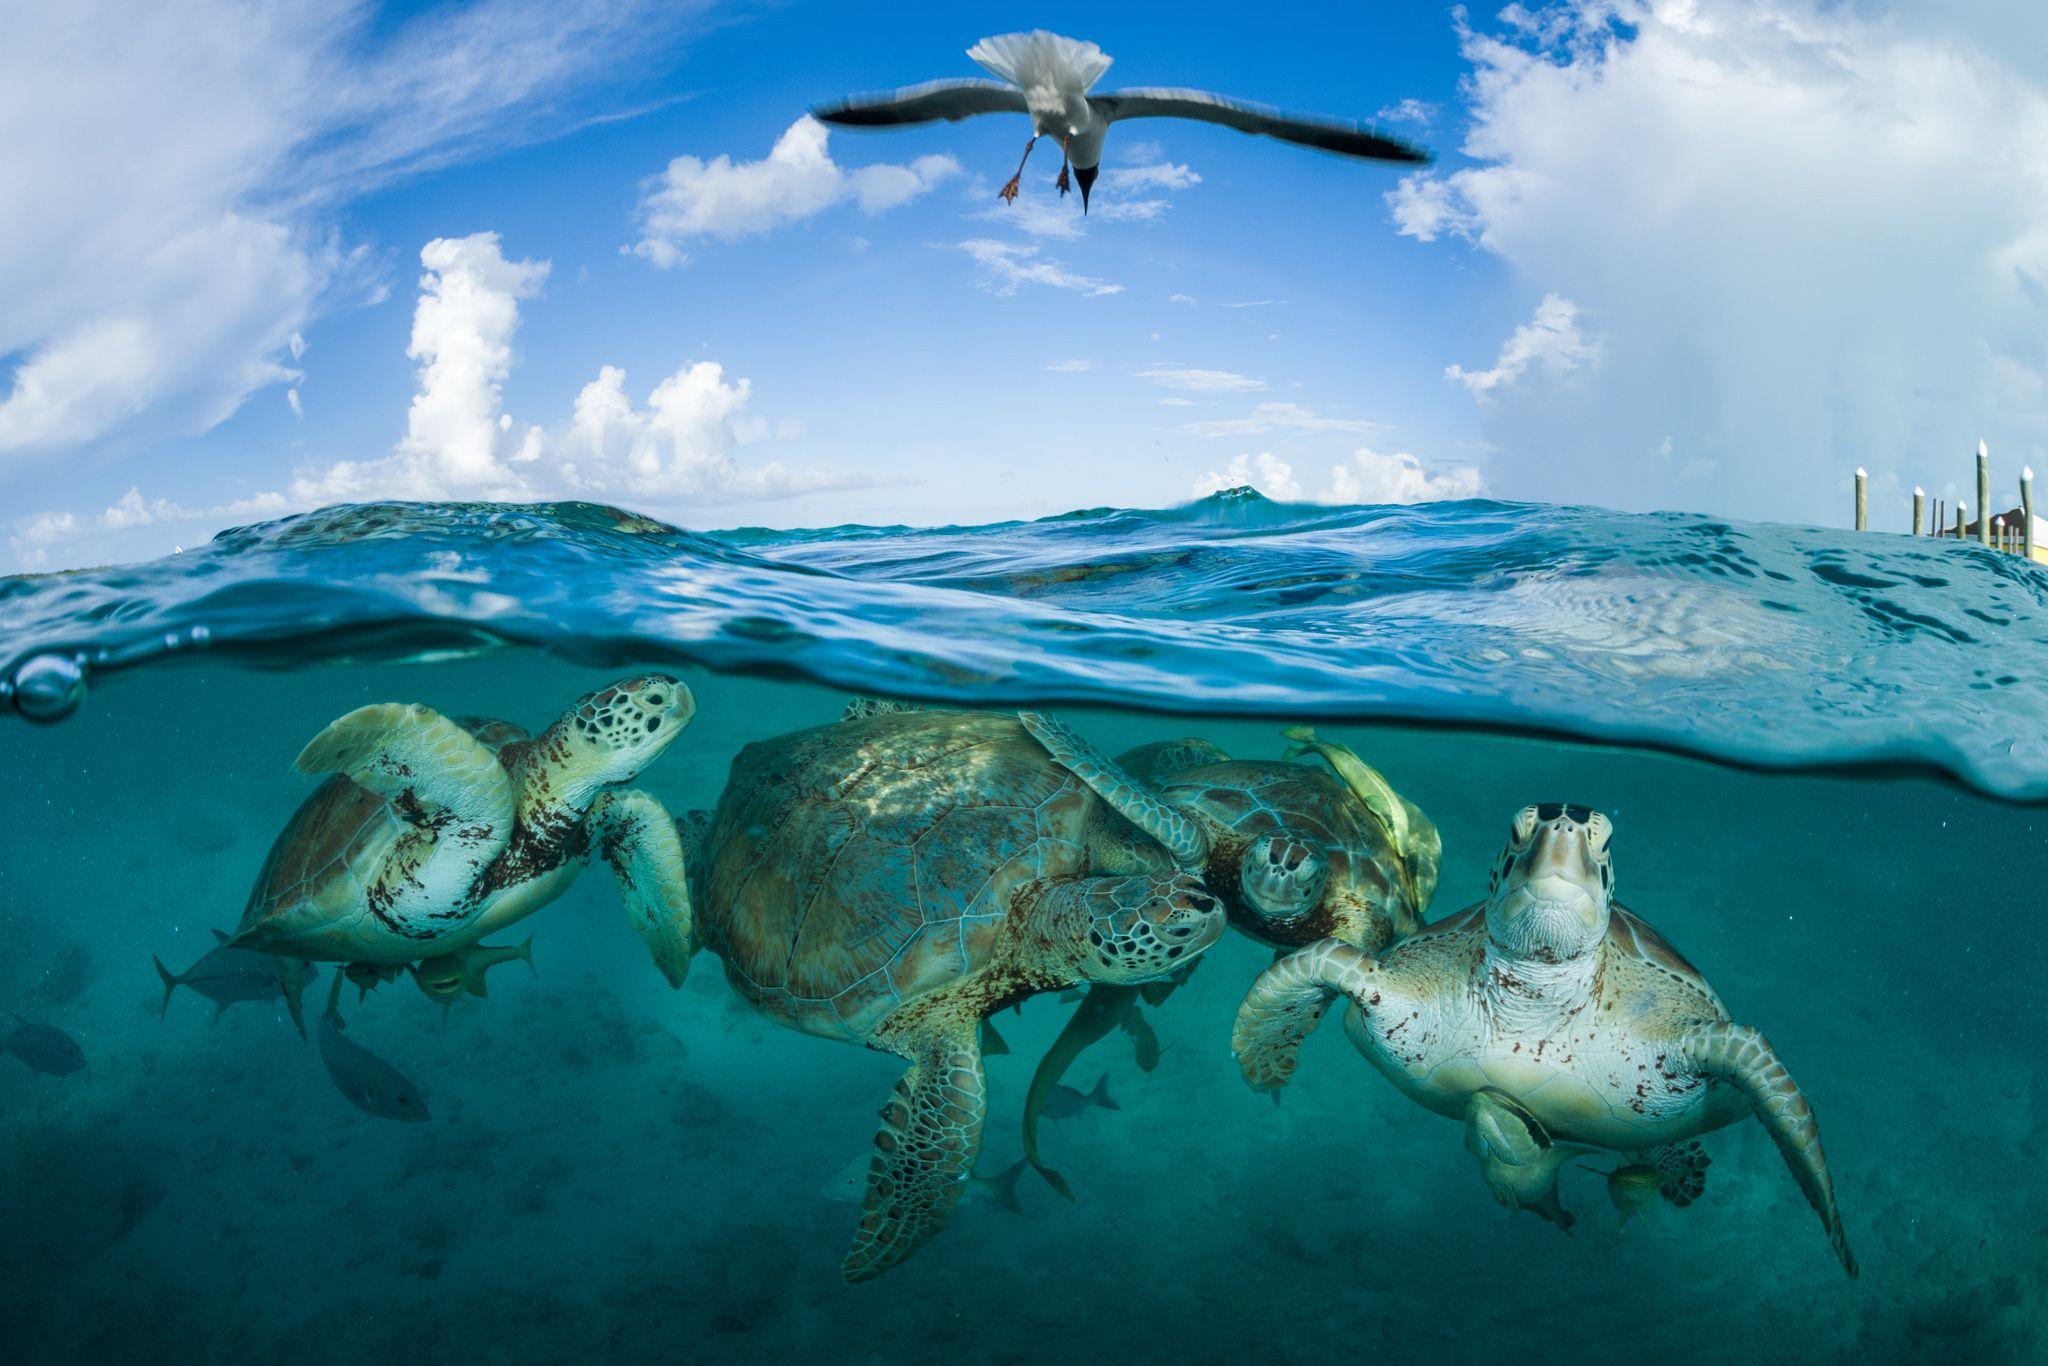 Malgré les menaces croissantes, certaines tortues marines parviennent à s'adapter | National Geographic